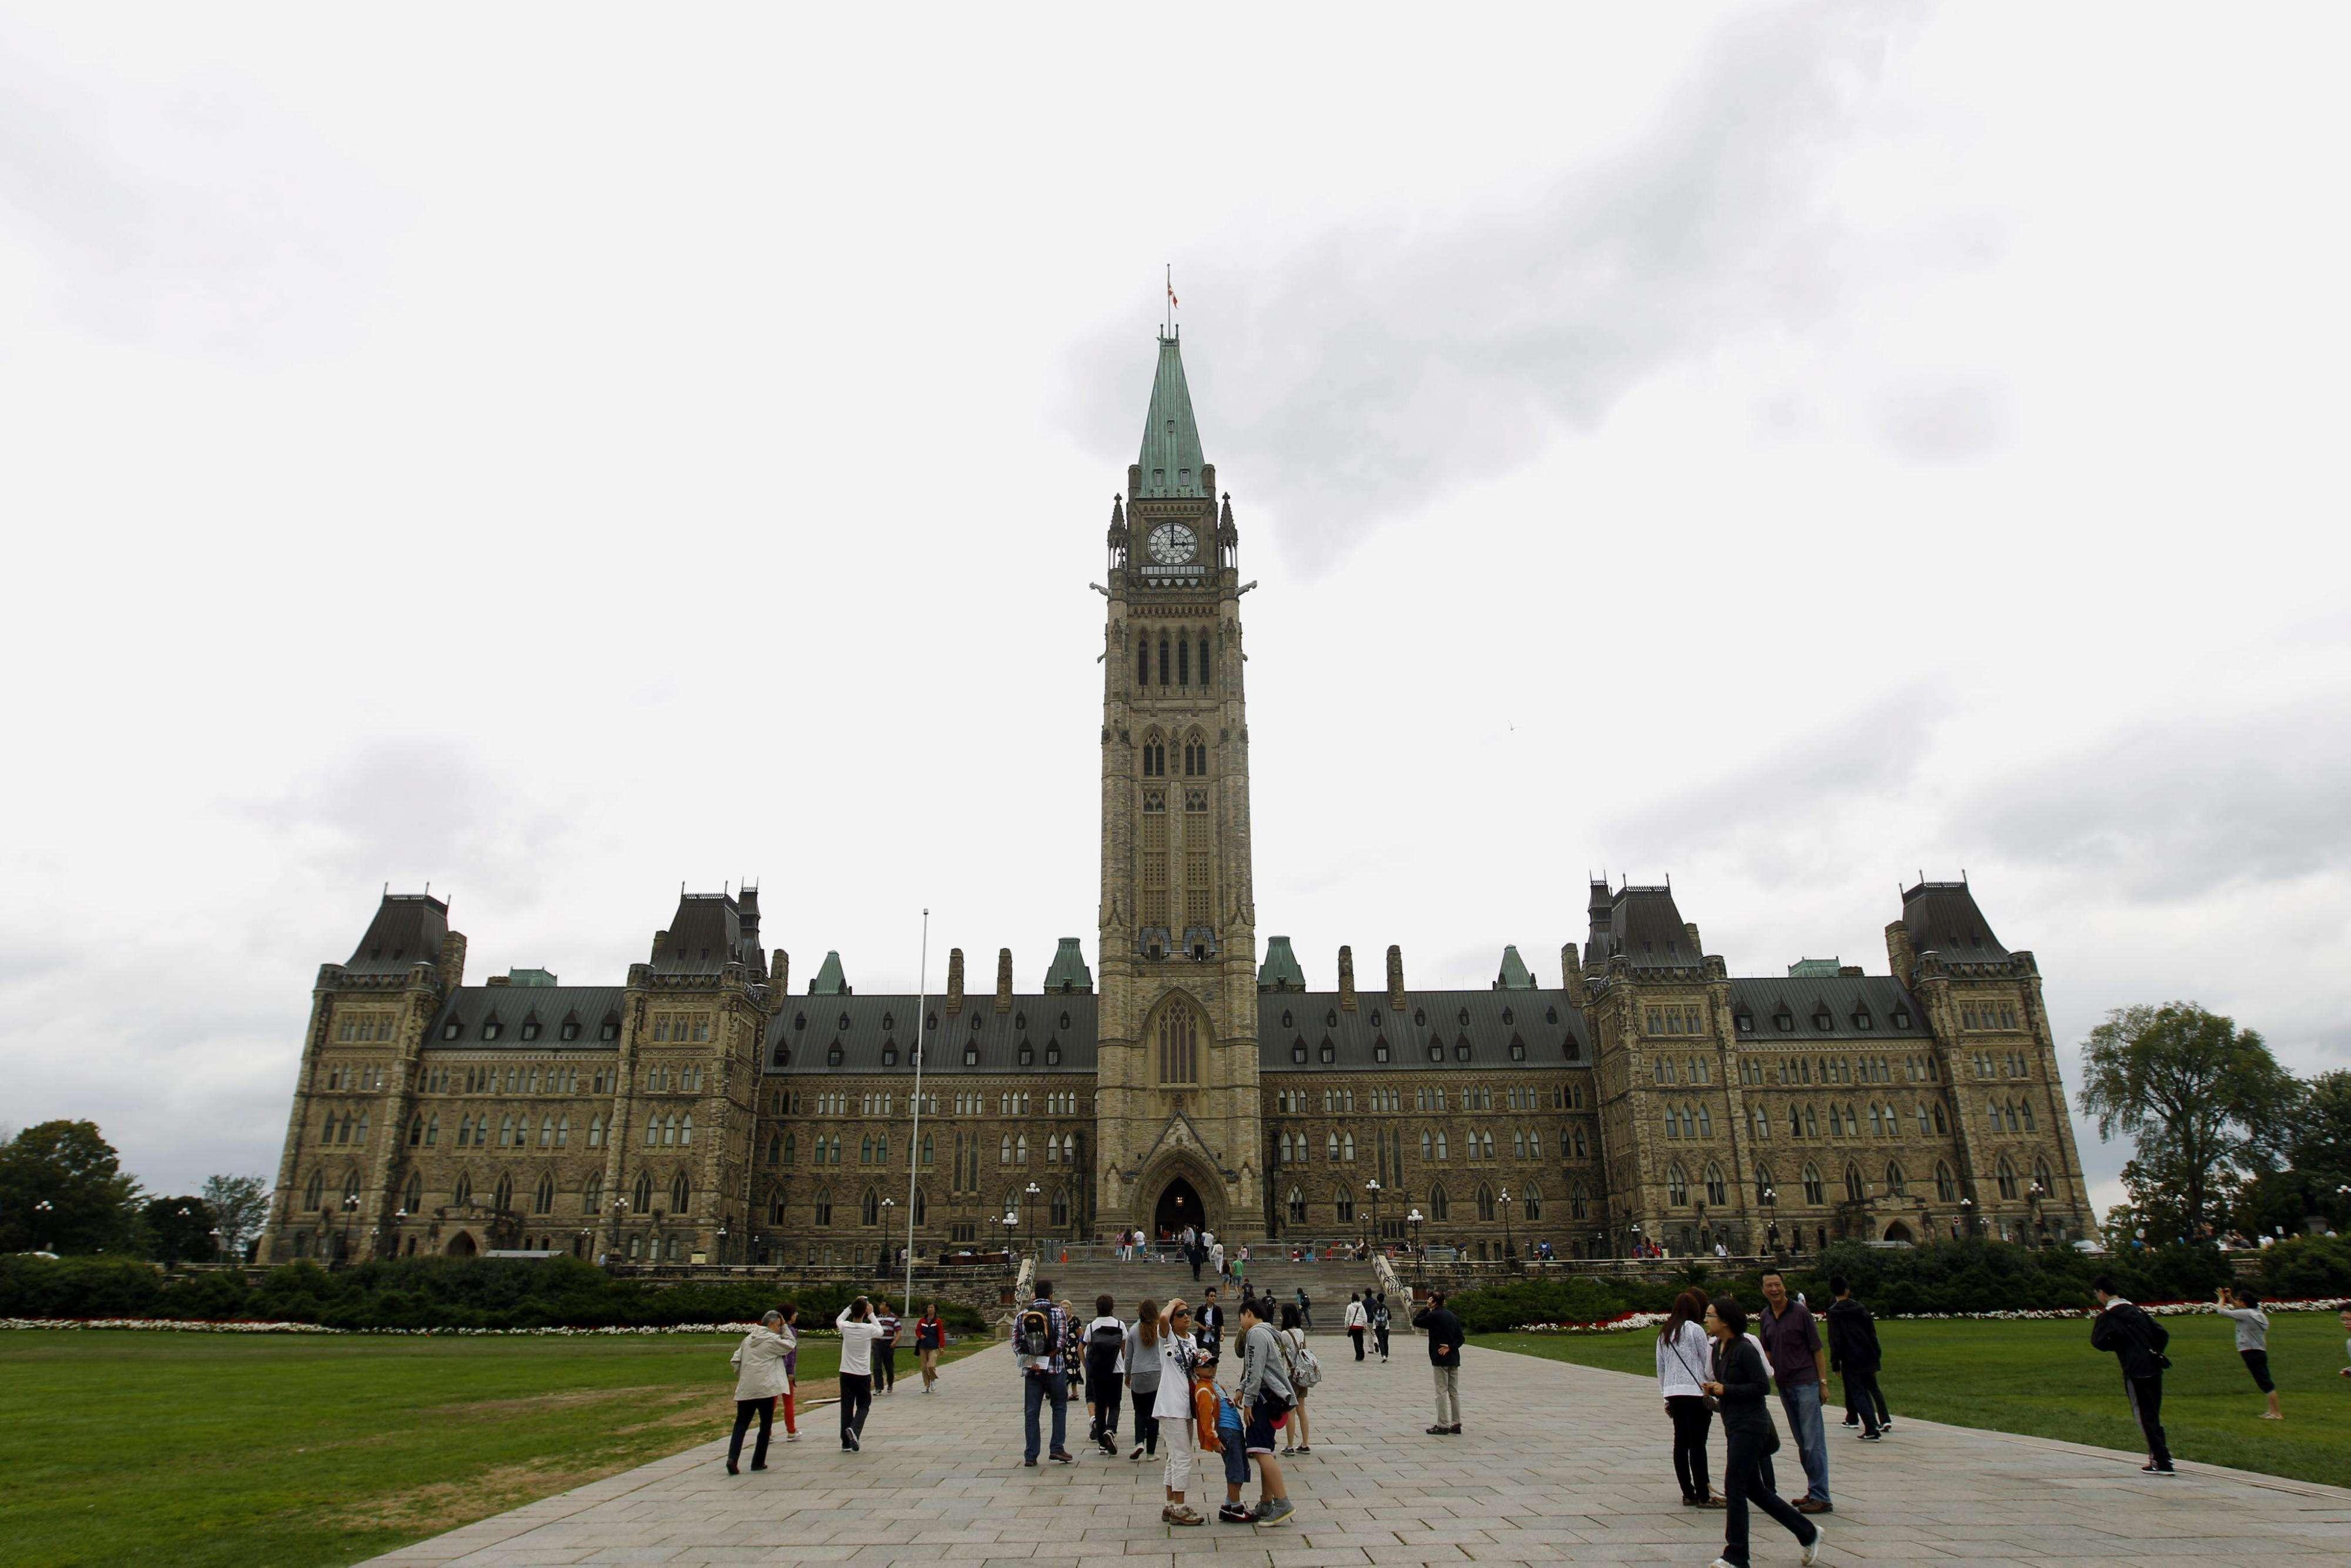 Imagen de archivo que muestra la fachada del Parlamento en Ottawa, Canadá. Foto: Archivo/EFE en español